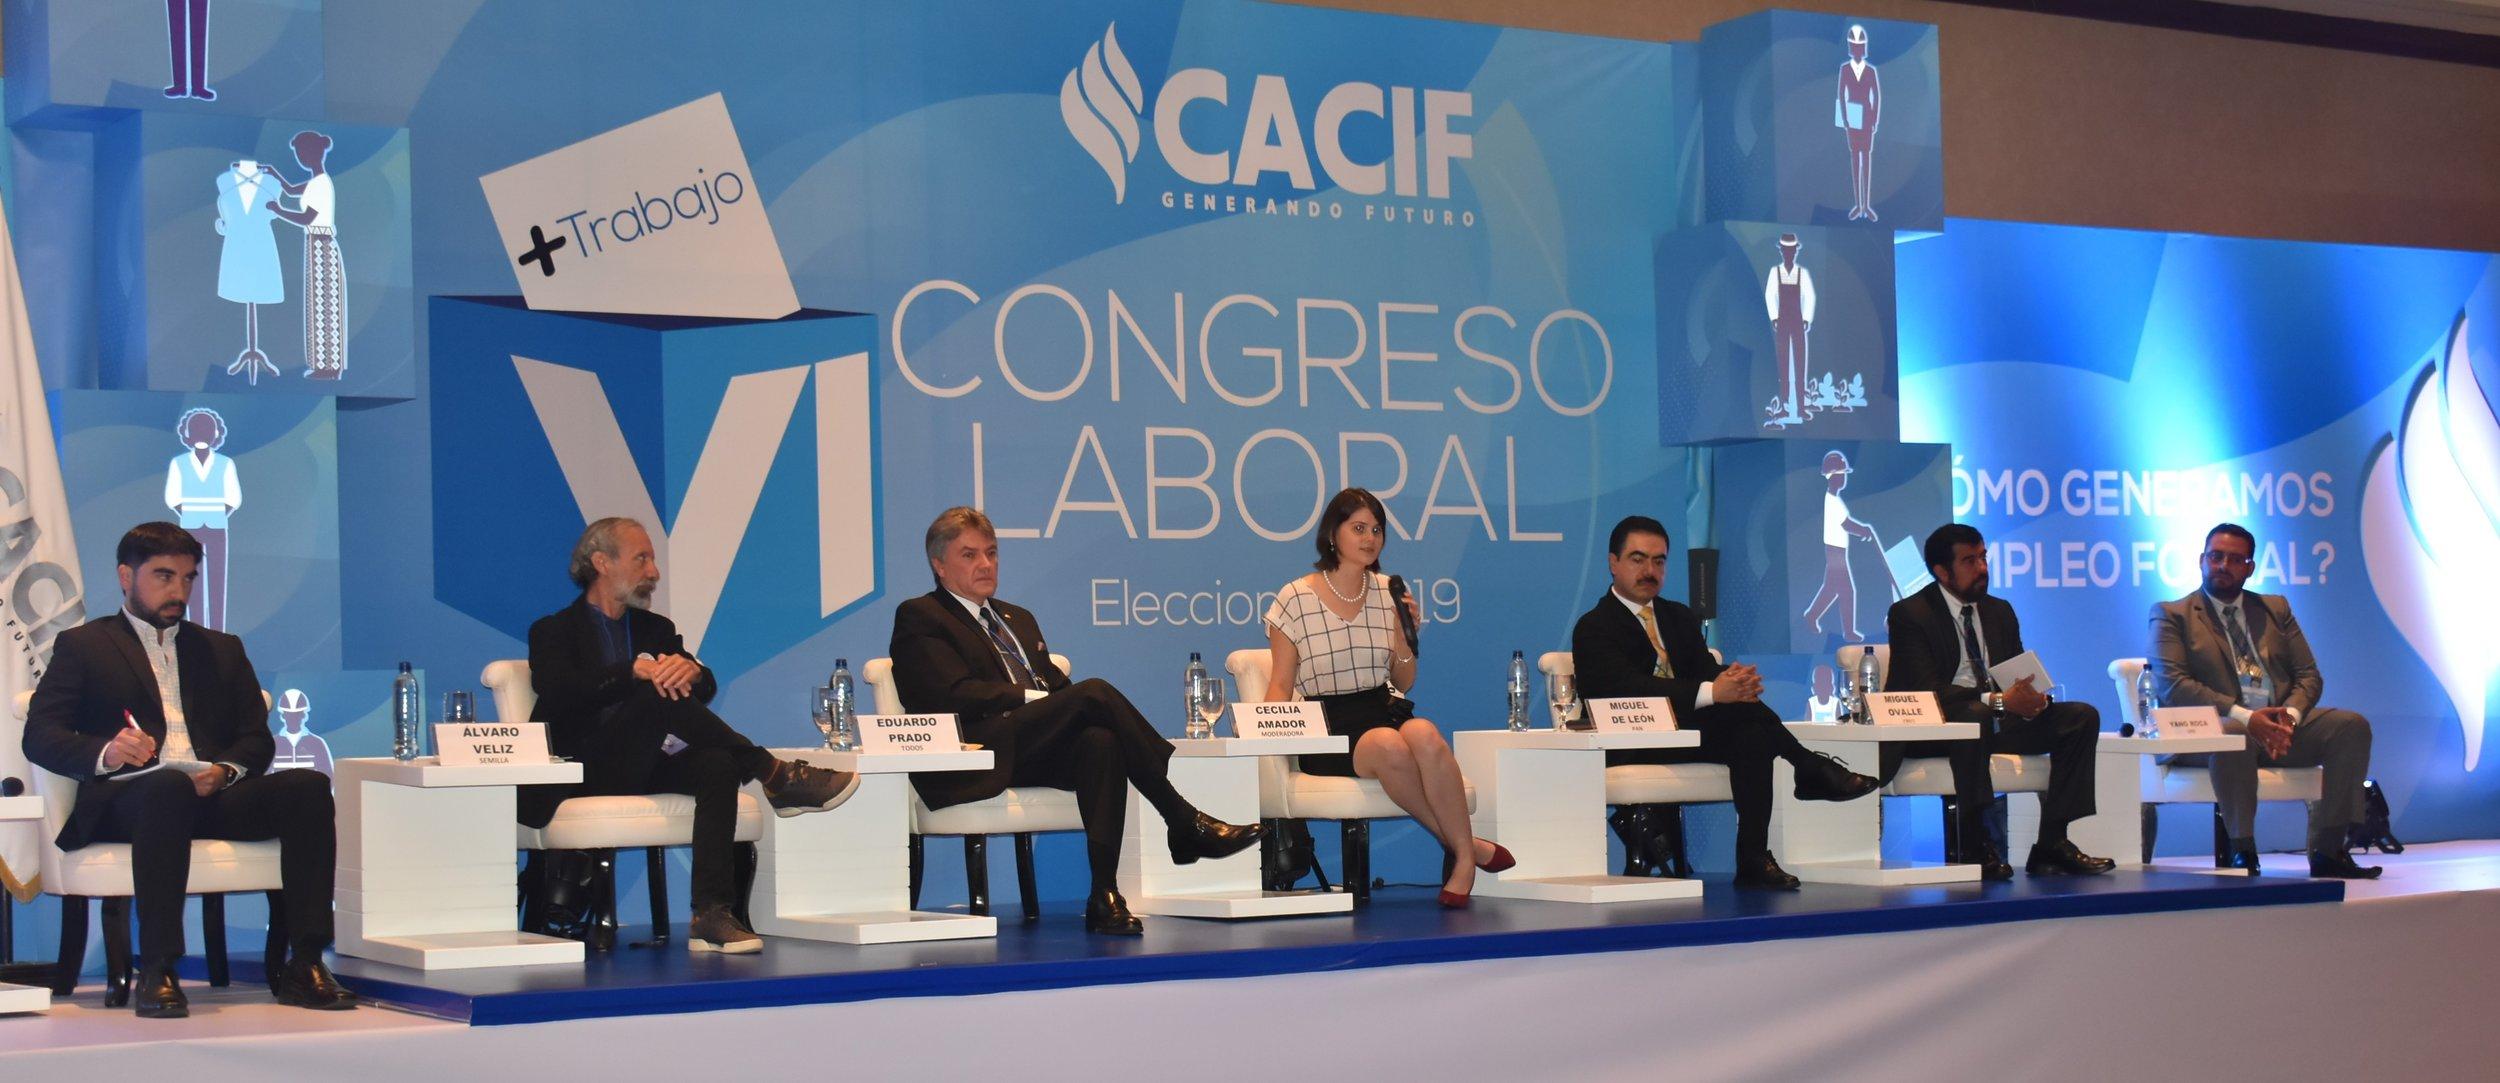 Cecilia Amador modera el panel de candidatos a alcaldes.